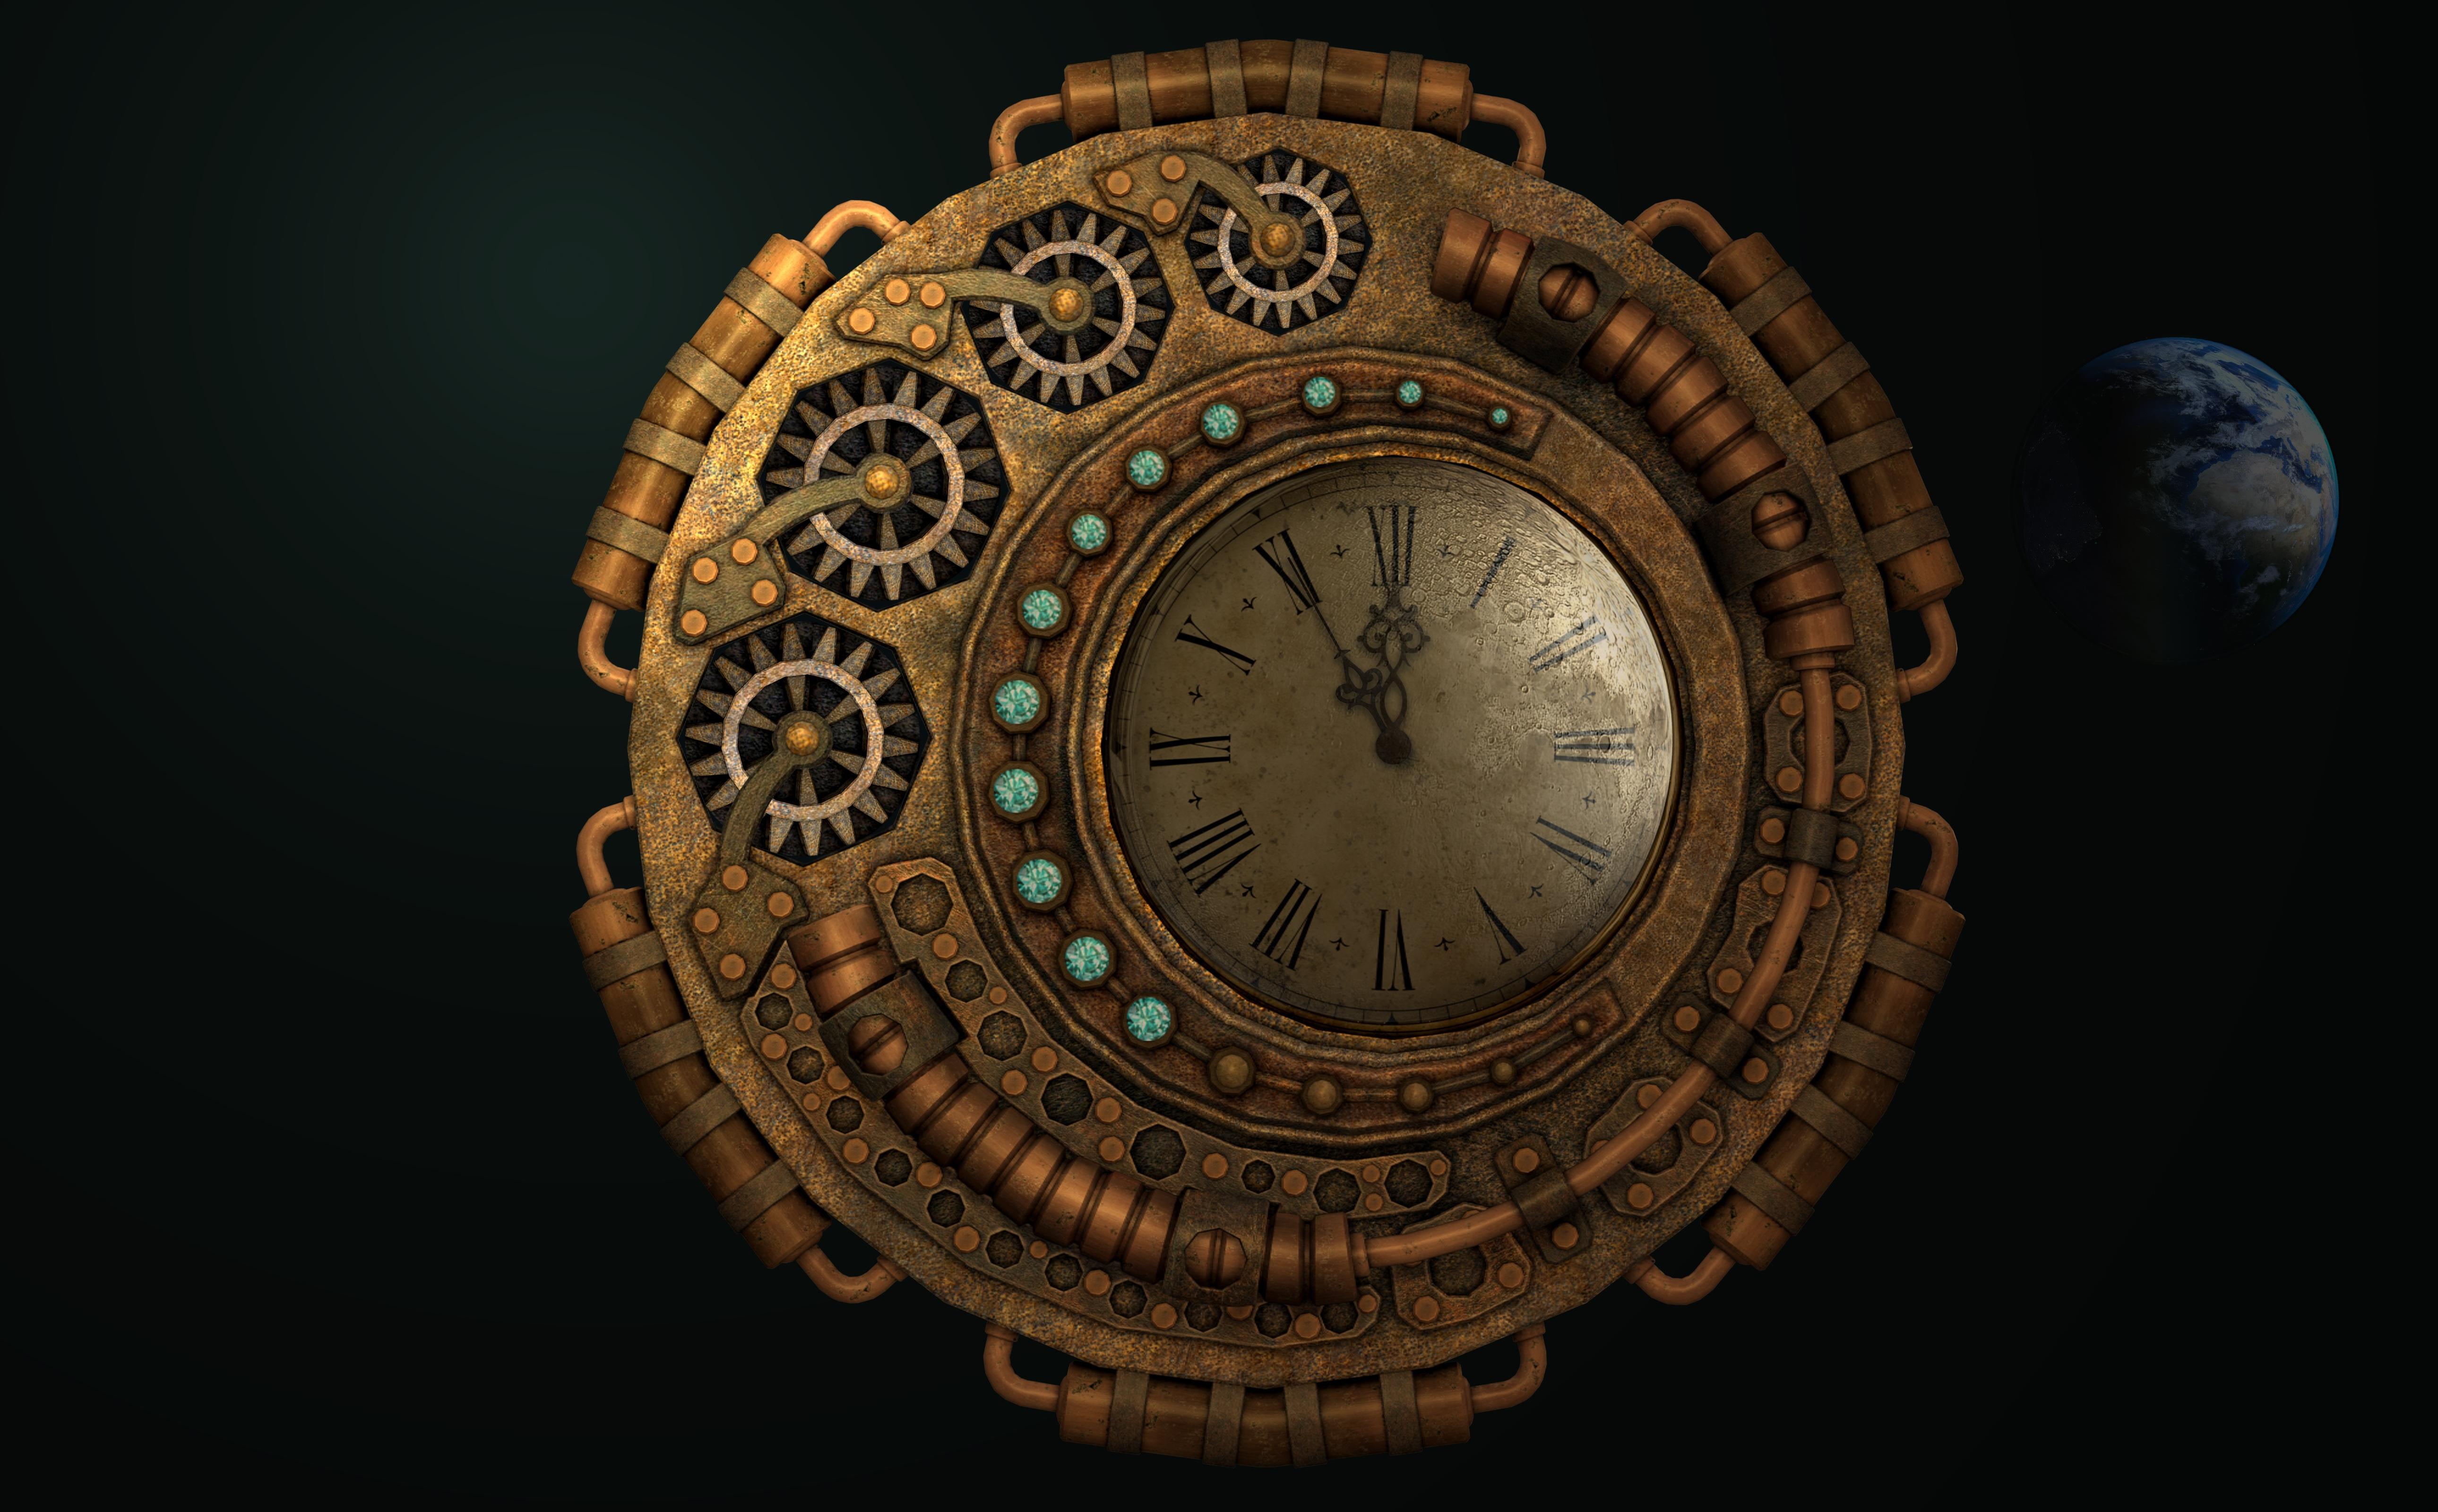 gratis afbeeldingen kijk maar, beweging, volle maan, uurwerkkijk maar tijd beweging volle maan uurwerk maanlicht cirkel verweerde versnellingen verleden roestvrij uur vooruit wijzer